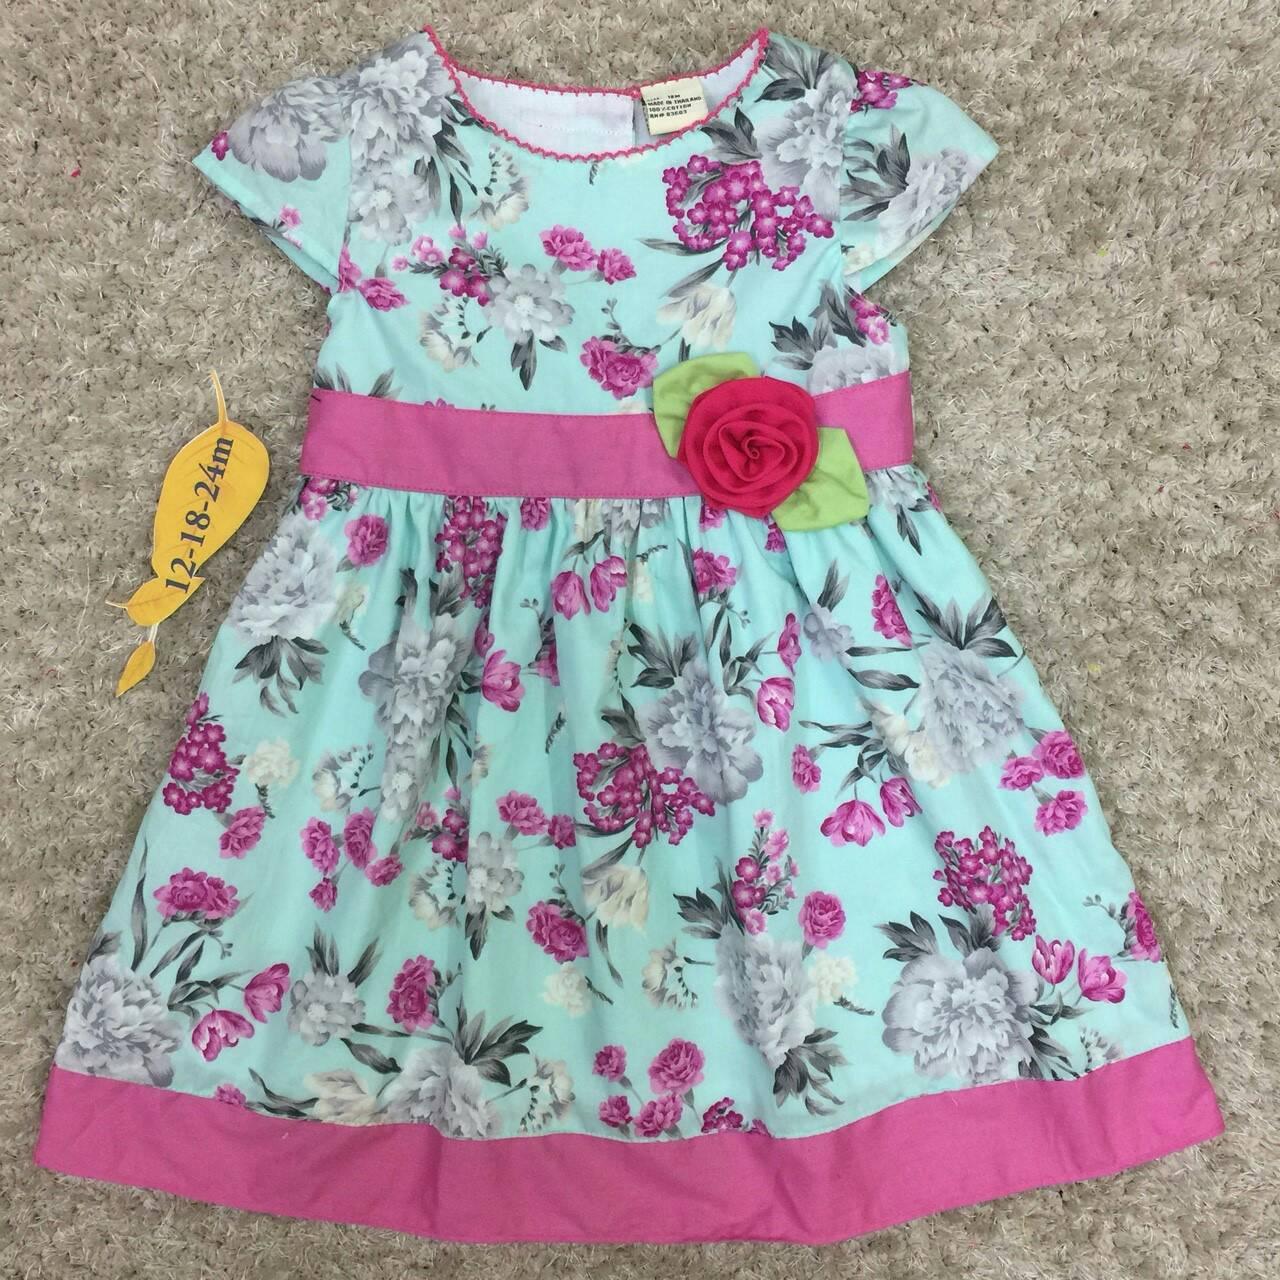 เสื้อผ้าเด็ก 1-2ปี size 12m-18m-24m